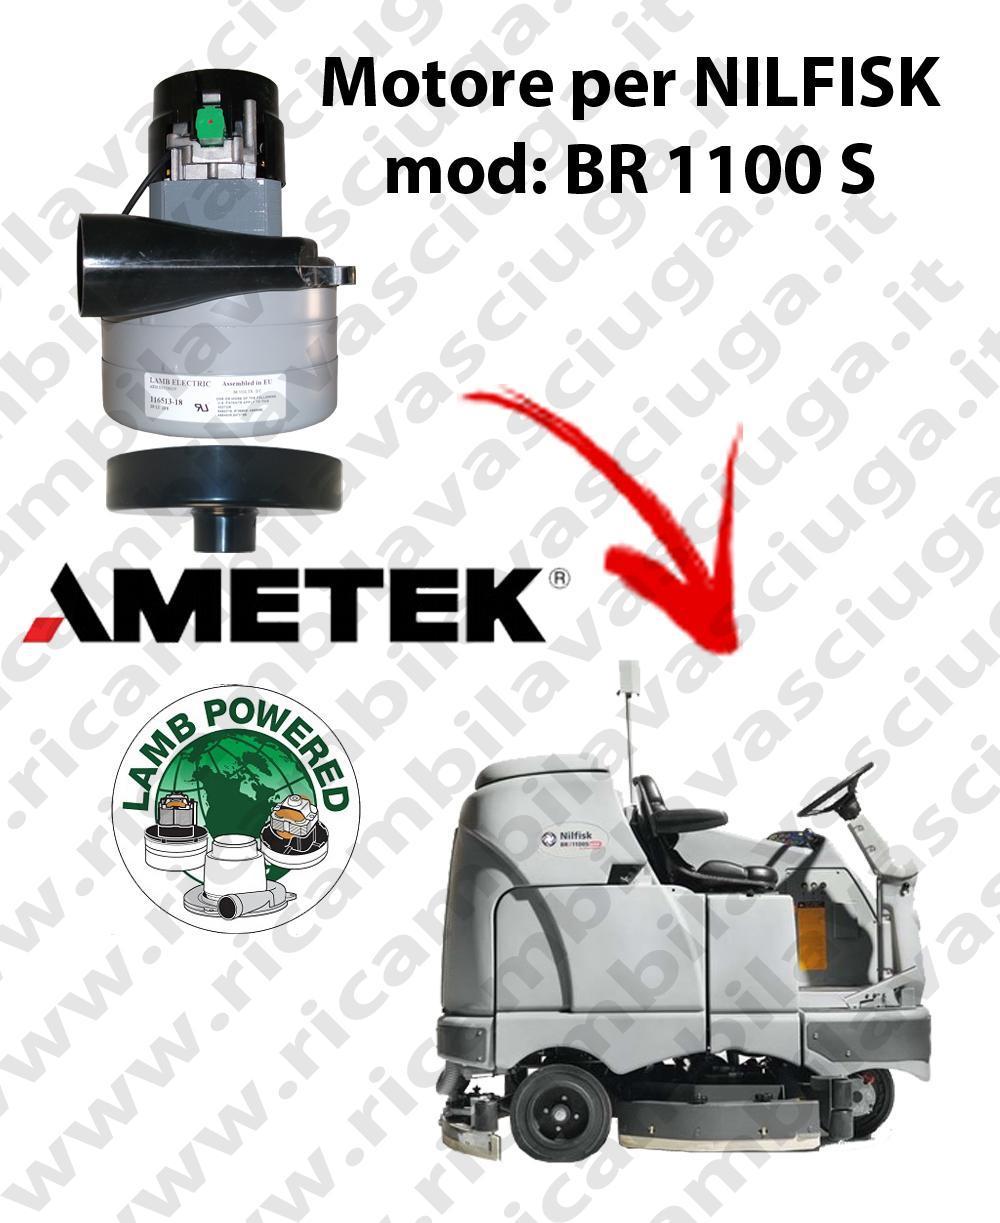 BR 1100 S MOTEUR ASPIRATION LAMB AMETEK pour autolaveuses NILFISK